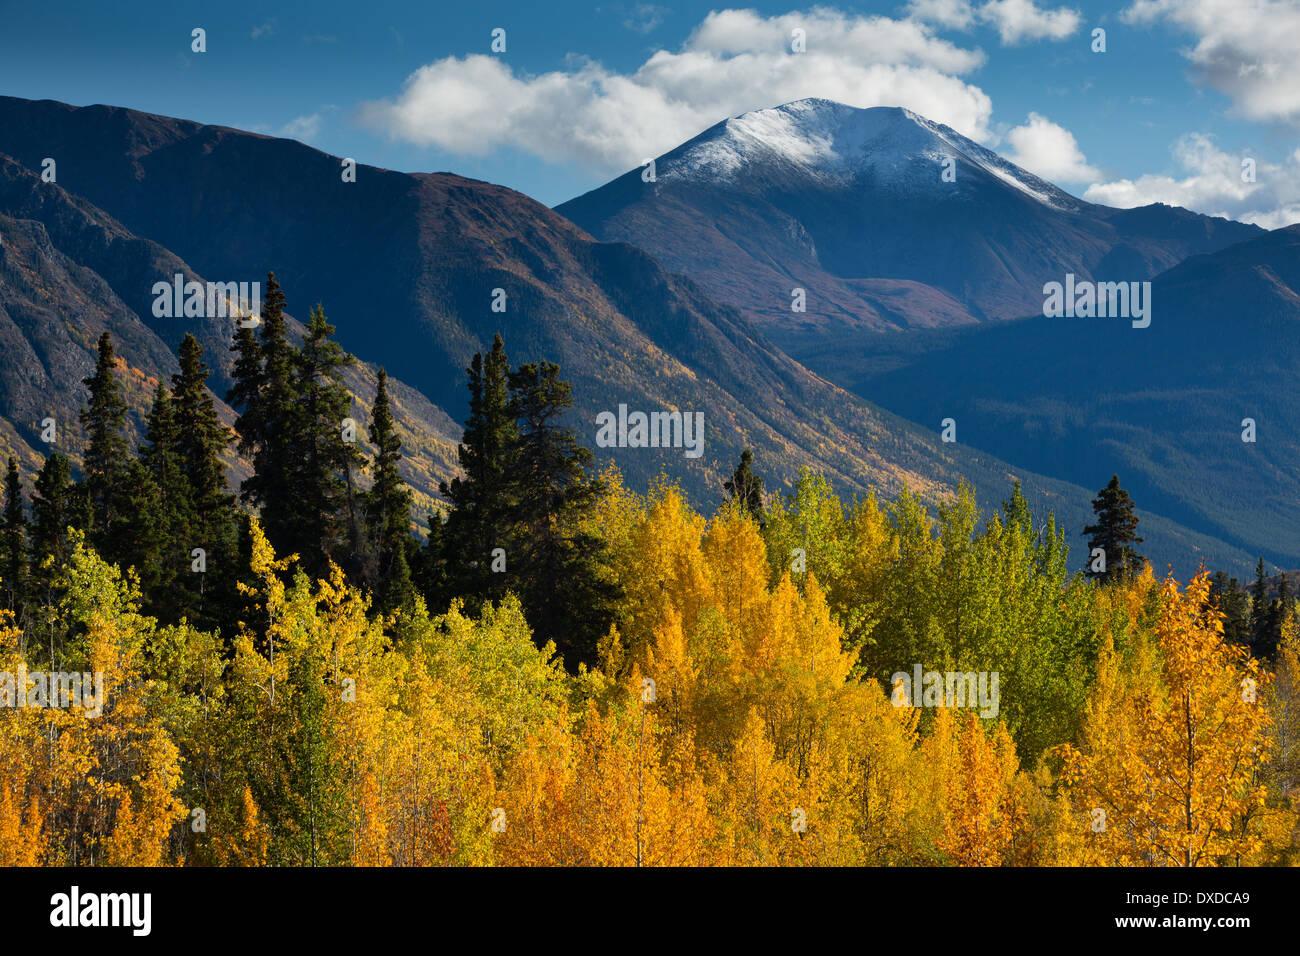 Couleurs d'automne sur la route du Klondike Sud nr lac Tagish, avec la montagne de l'escarpement, Territoire du Yukon, Canada Photo Stock